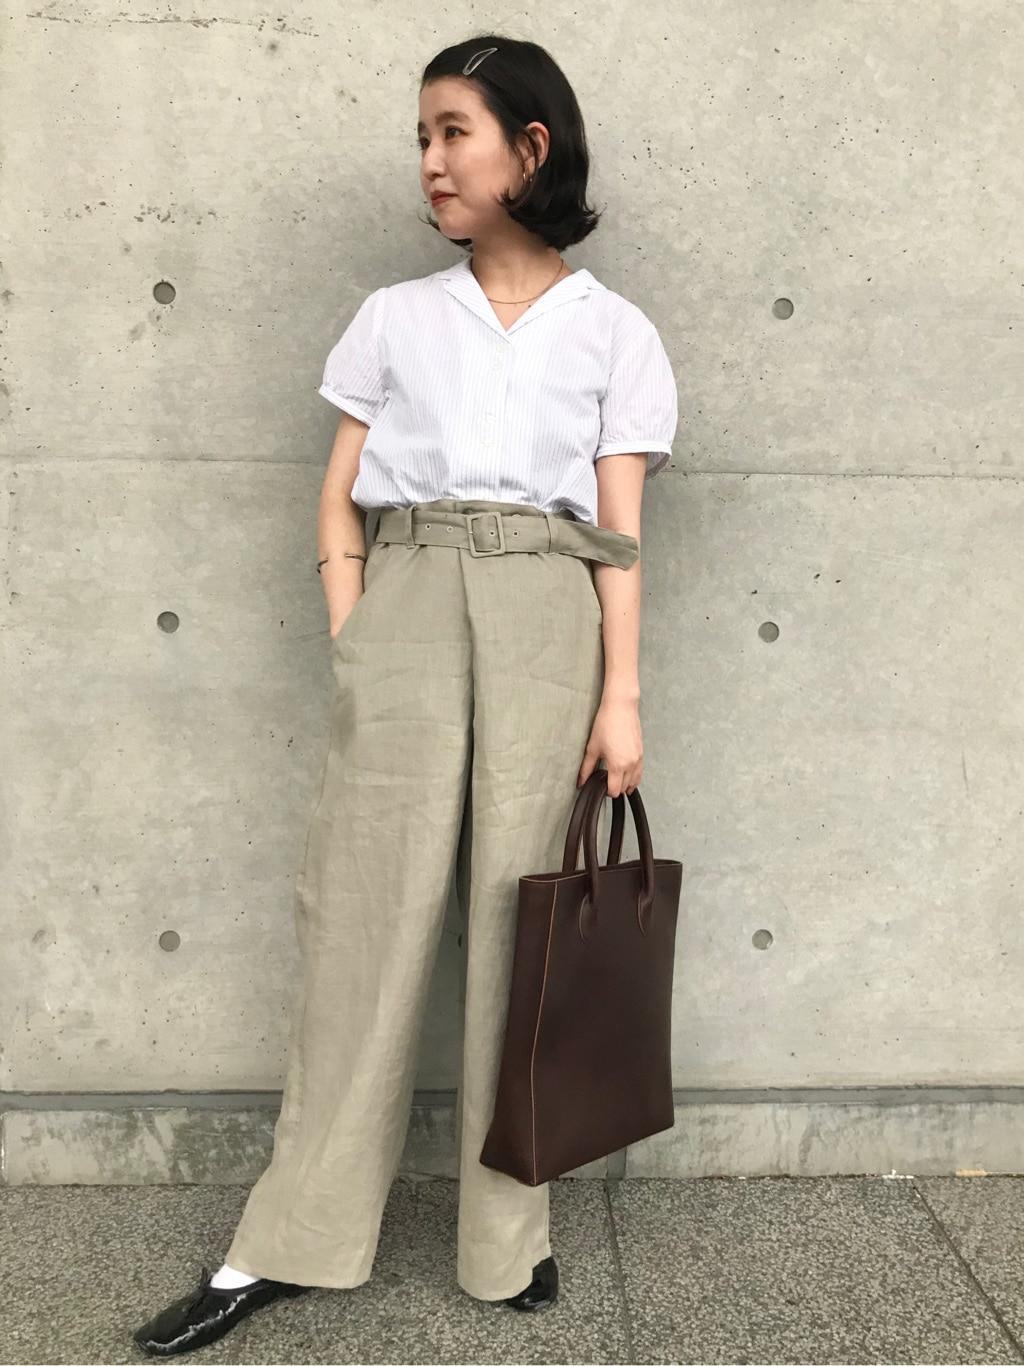 l'atelier du savon 東京スカイツリータウン・ソラマチ 身長:152cm 2020.07.23